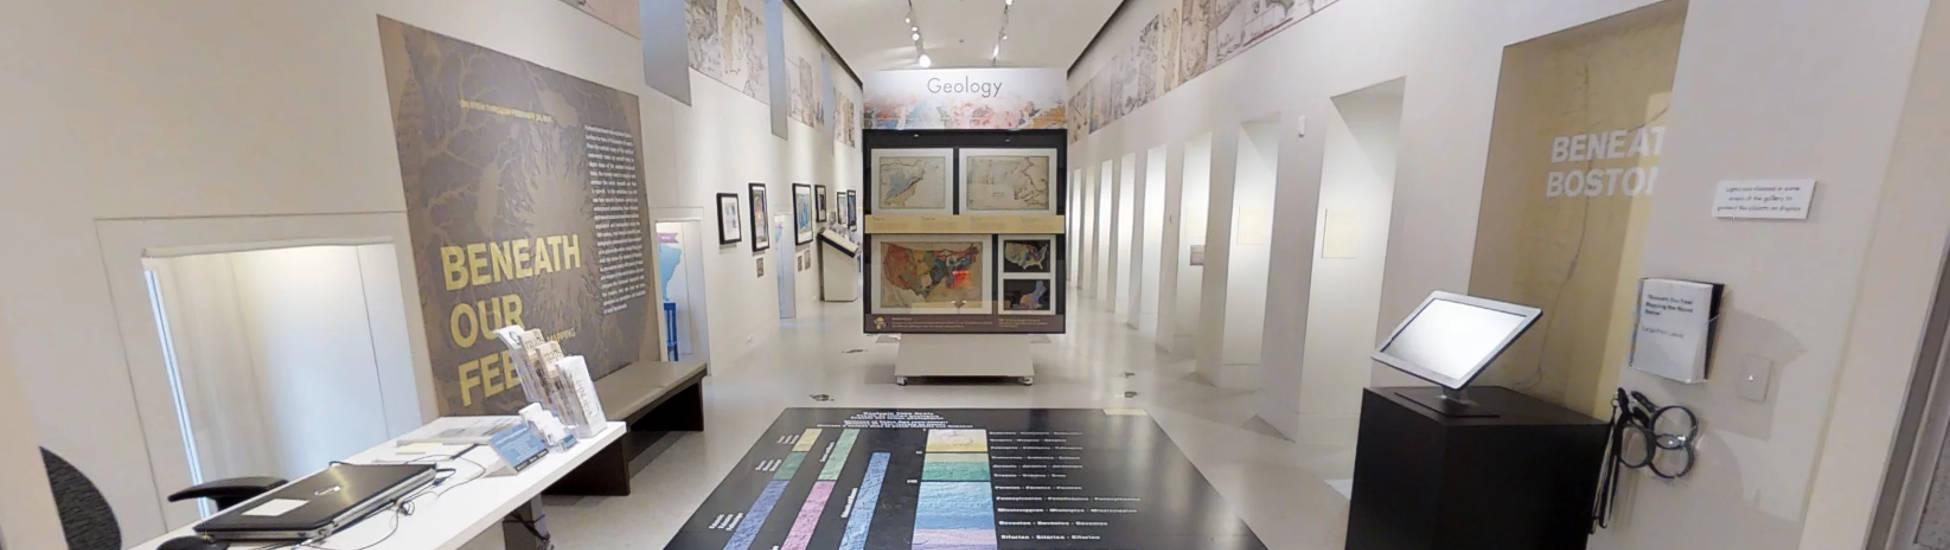 Bof gallery3